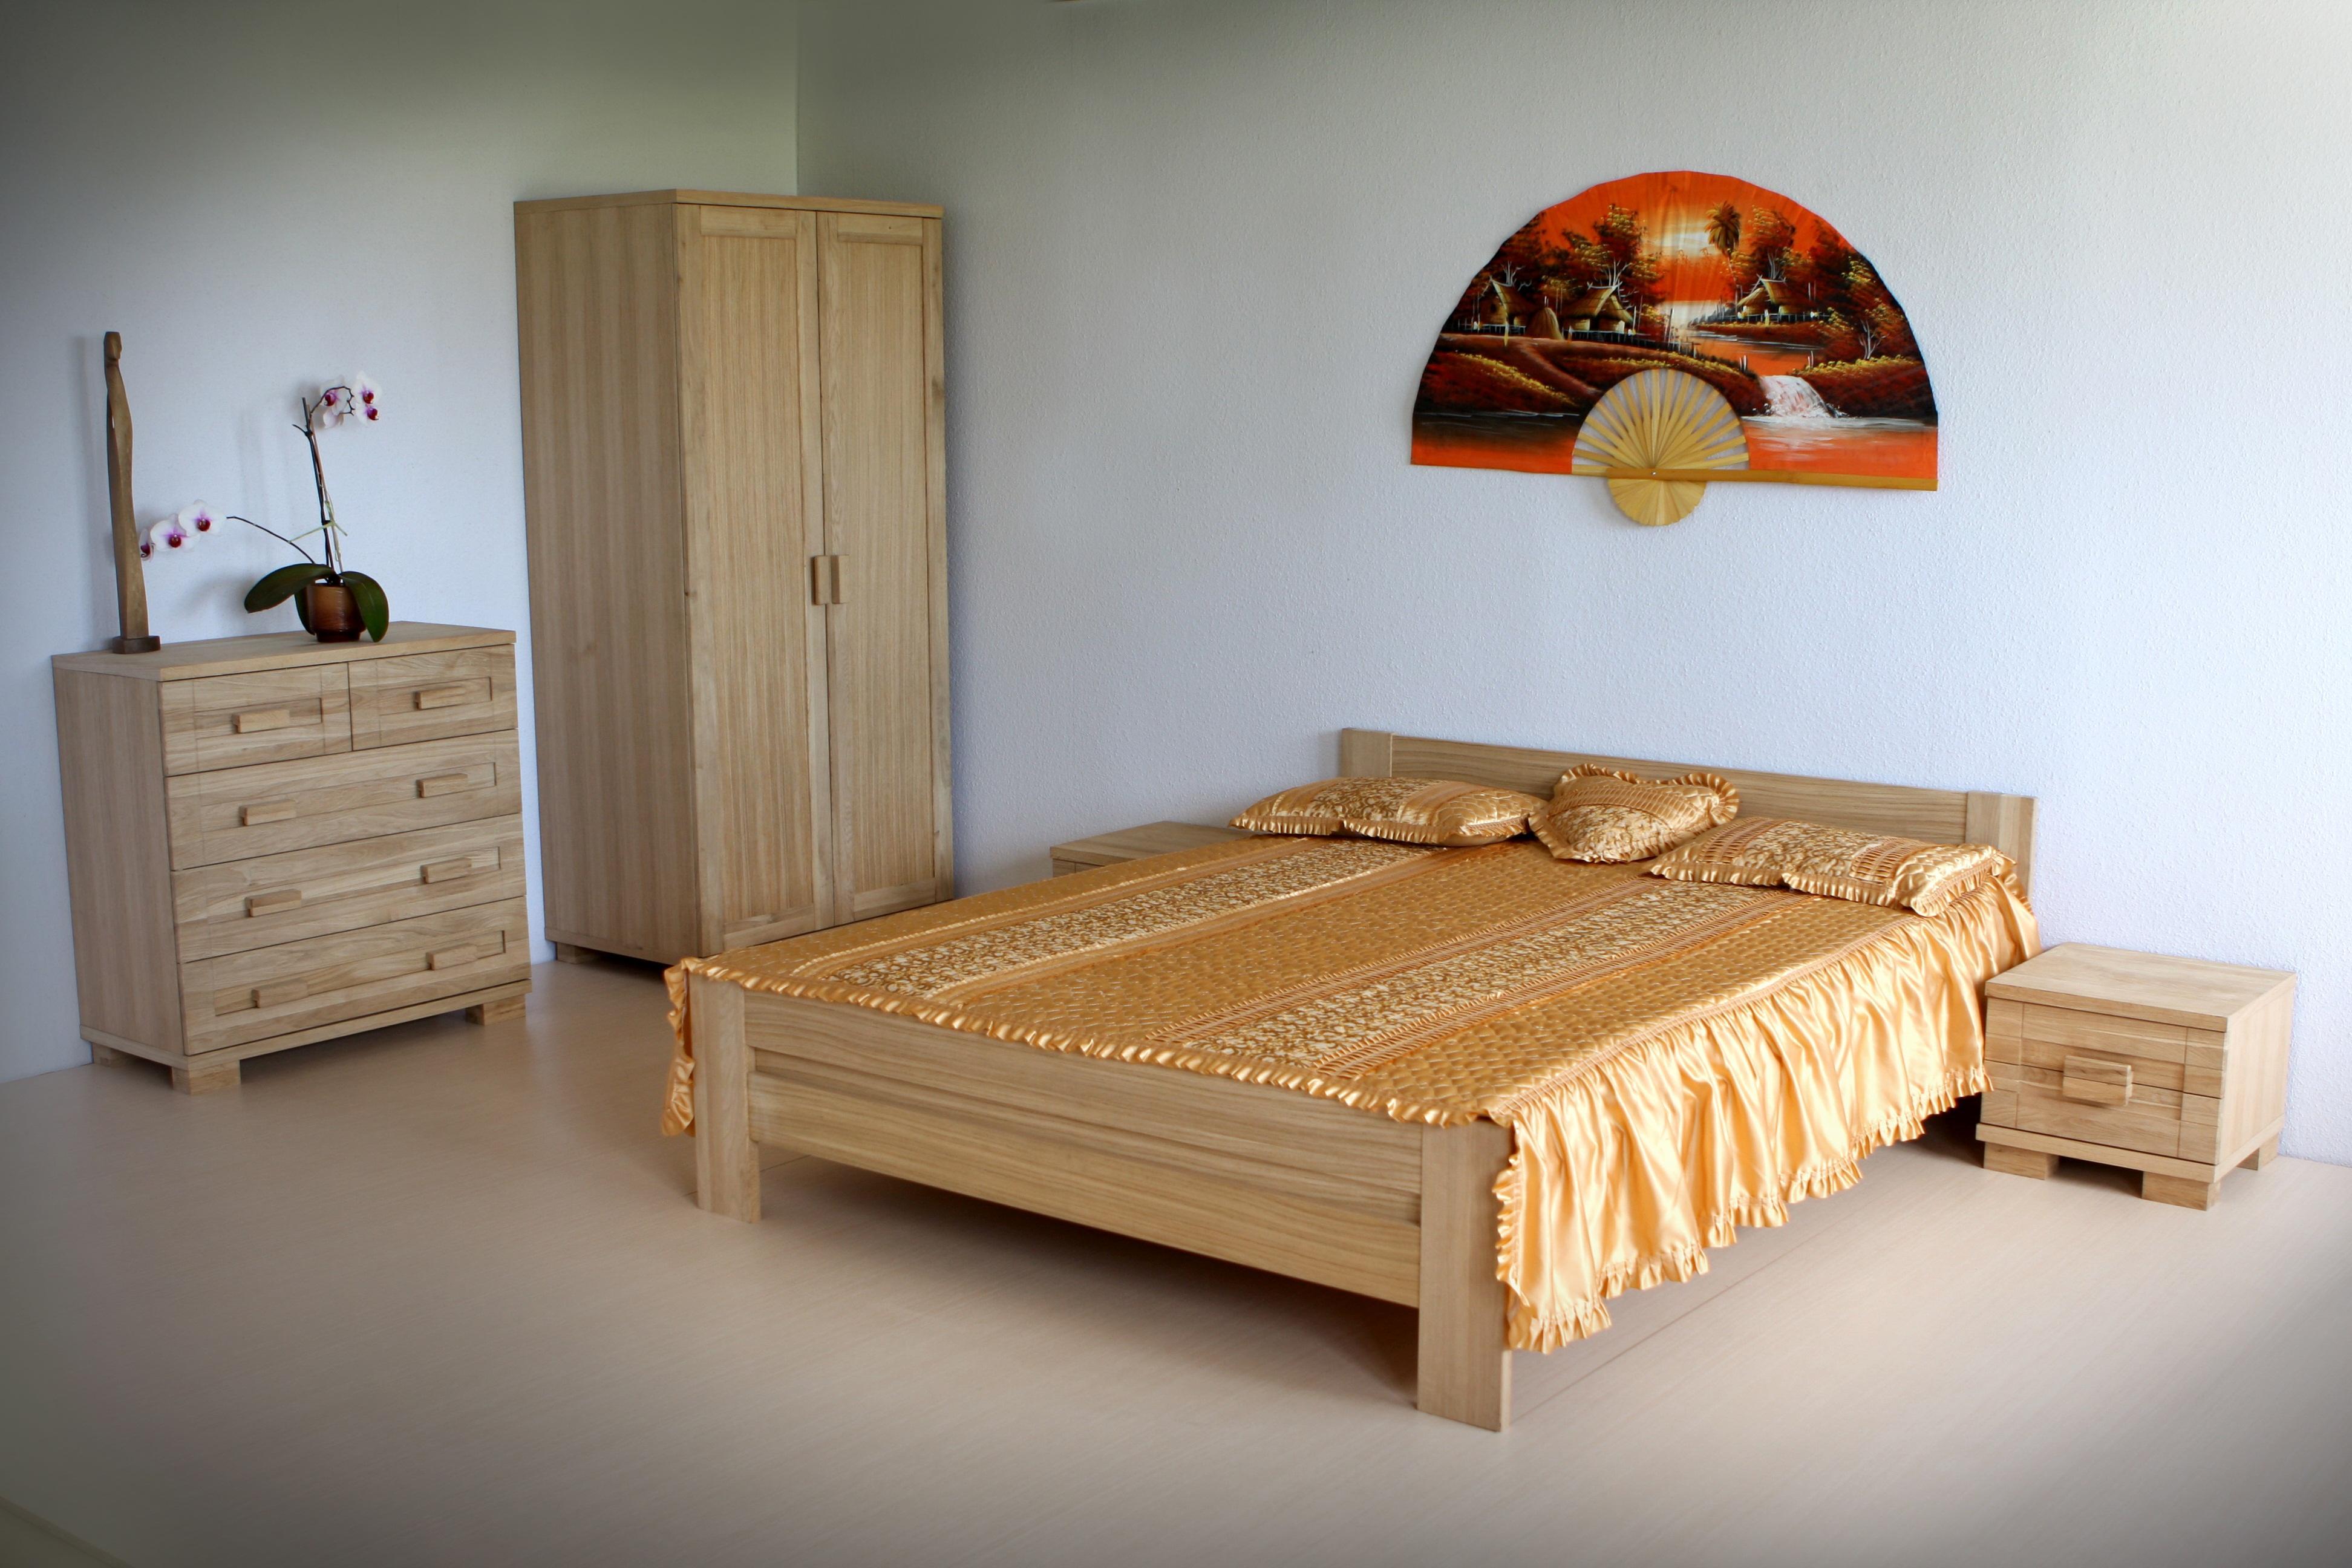 ensemble pour chambre coucher traditionnel 5 0 1000 0 pi ces par mois. Black Bedroom Furniture Sets. Home Design Ideas